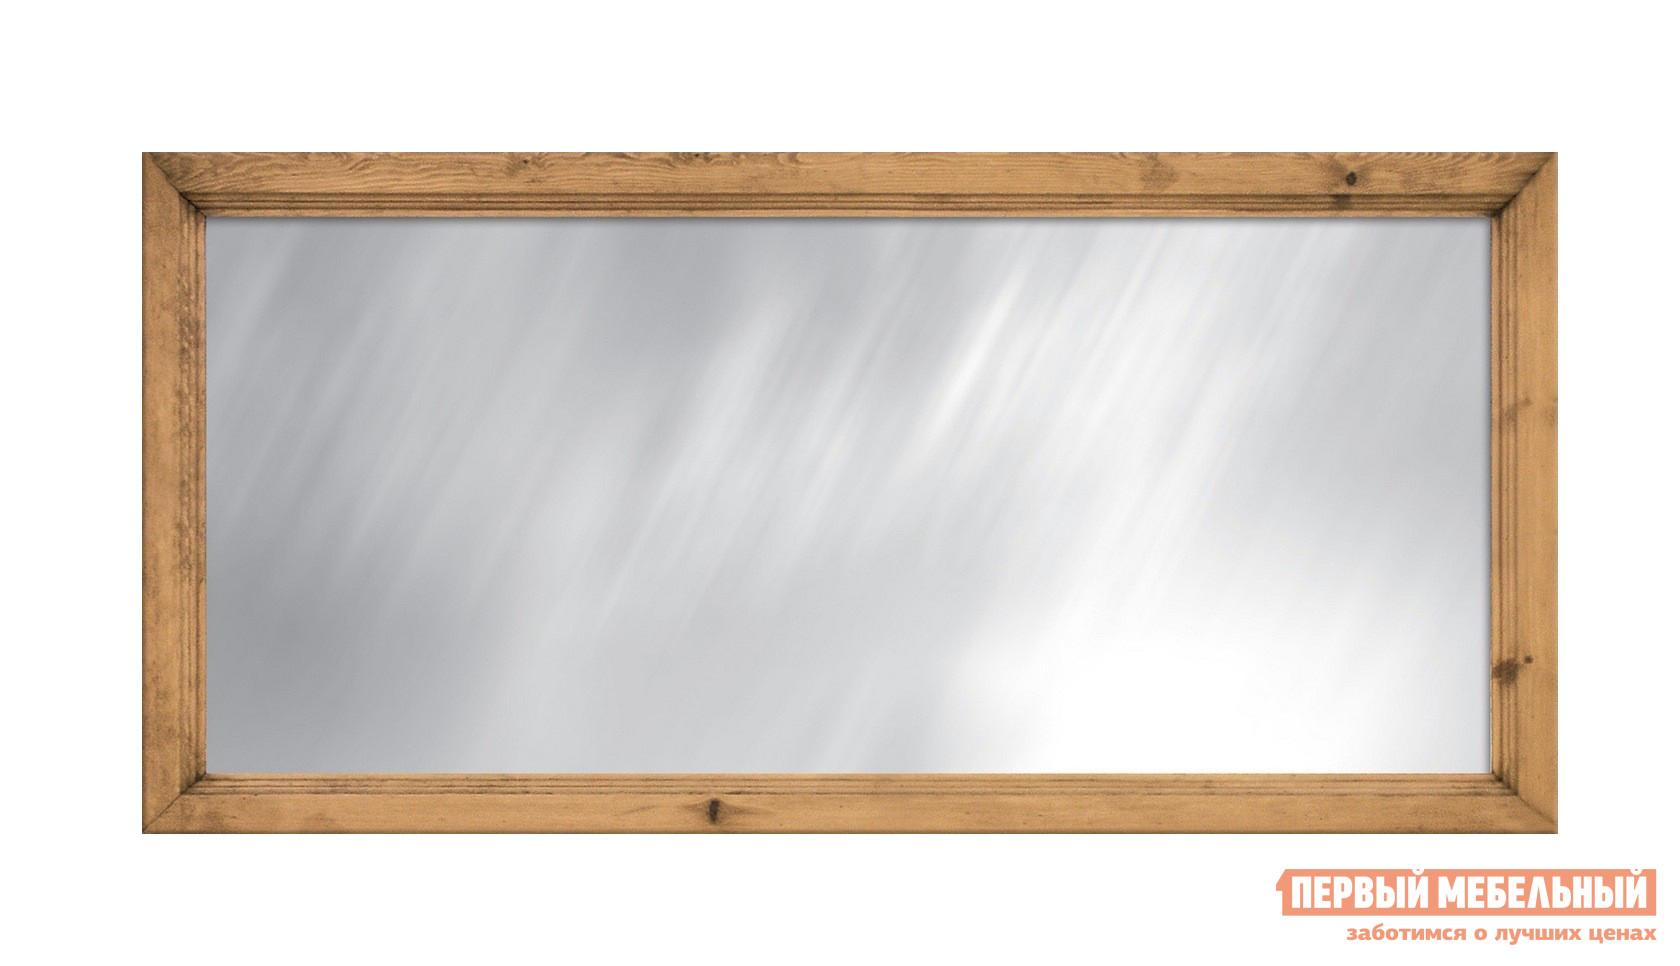 Настенное зеркало Волшебная сосна MIRMEX 165 x 80 Массив сосны